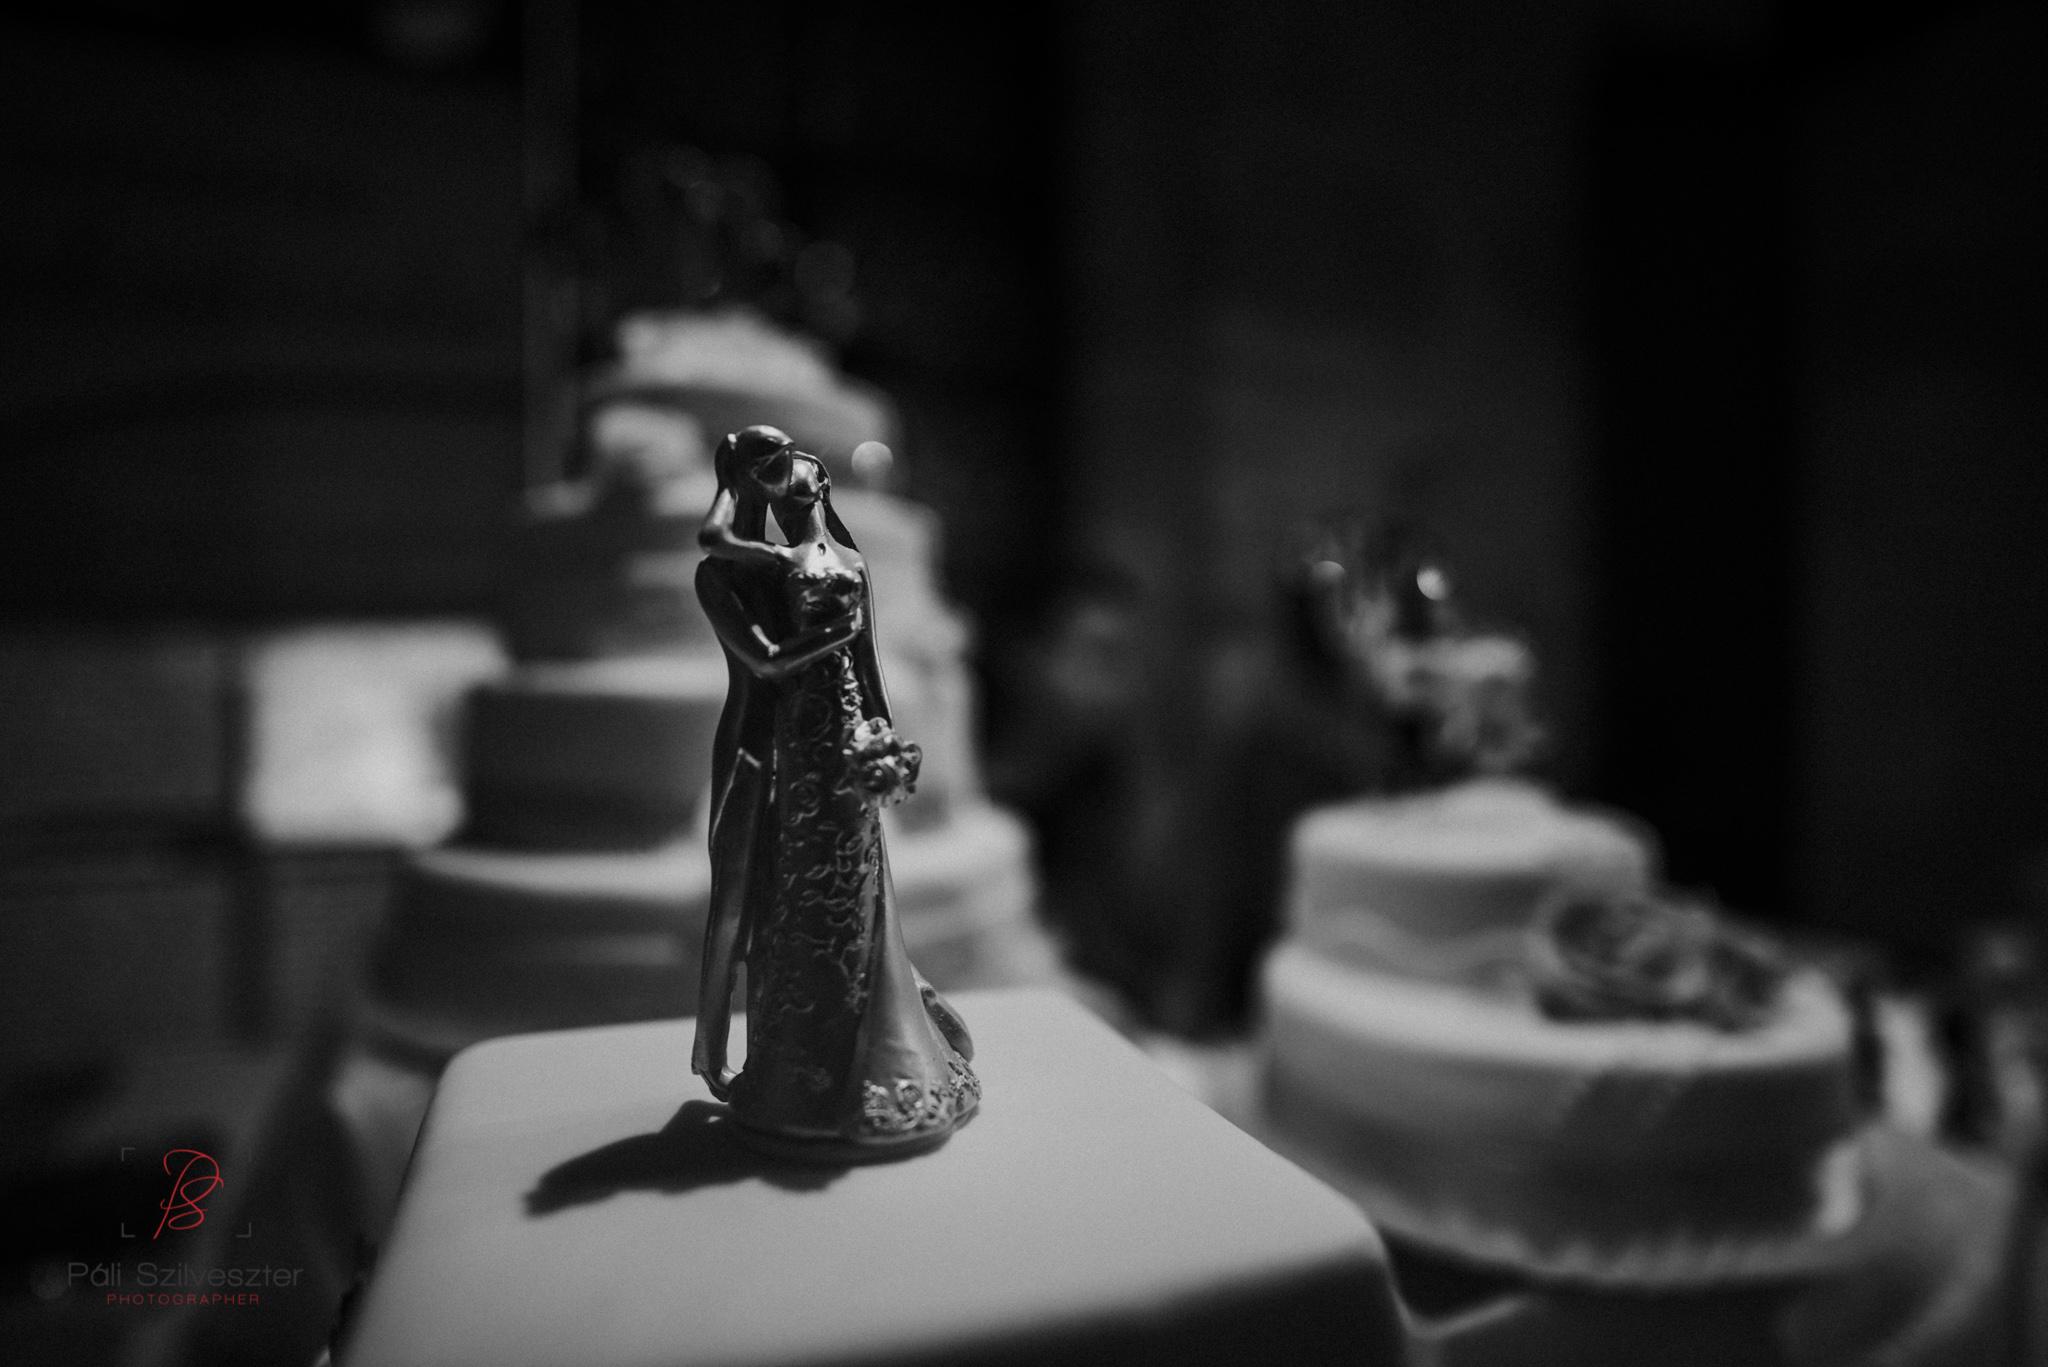 Páli-Szilveszter-székesfehérvári-esküvői-fotós-esztergom-prímás-pince-esüvőkiállítás-2016-01-23-70363.jpg